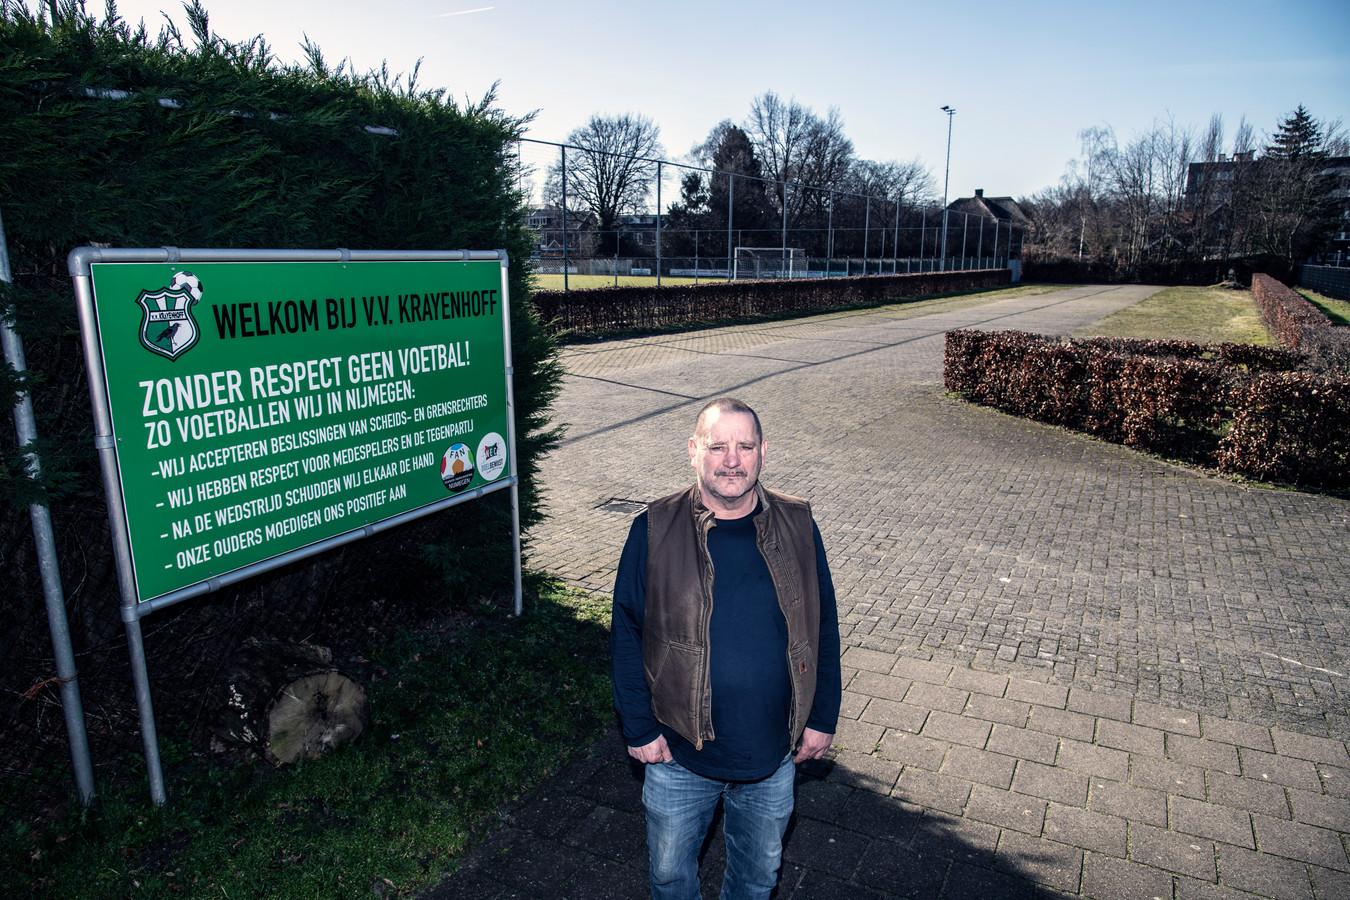 Ger van Maassen van V.V. Krayenhoff bij de parkeerplaats van de voetbalclub